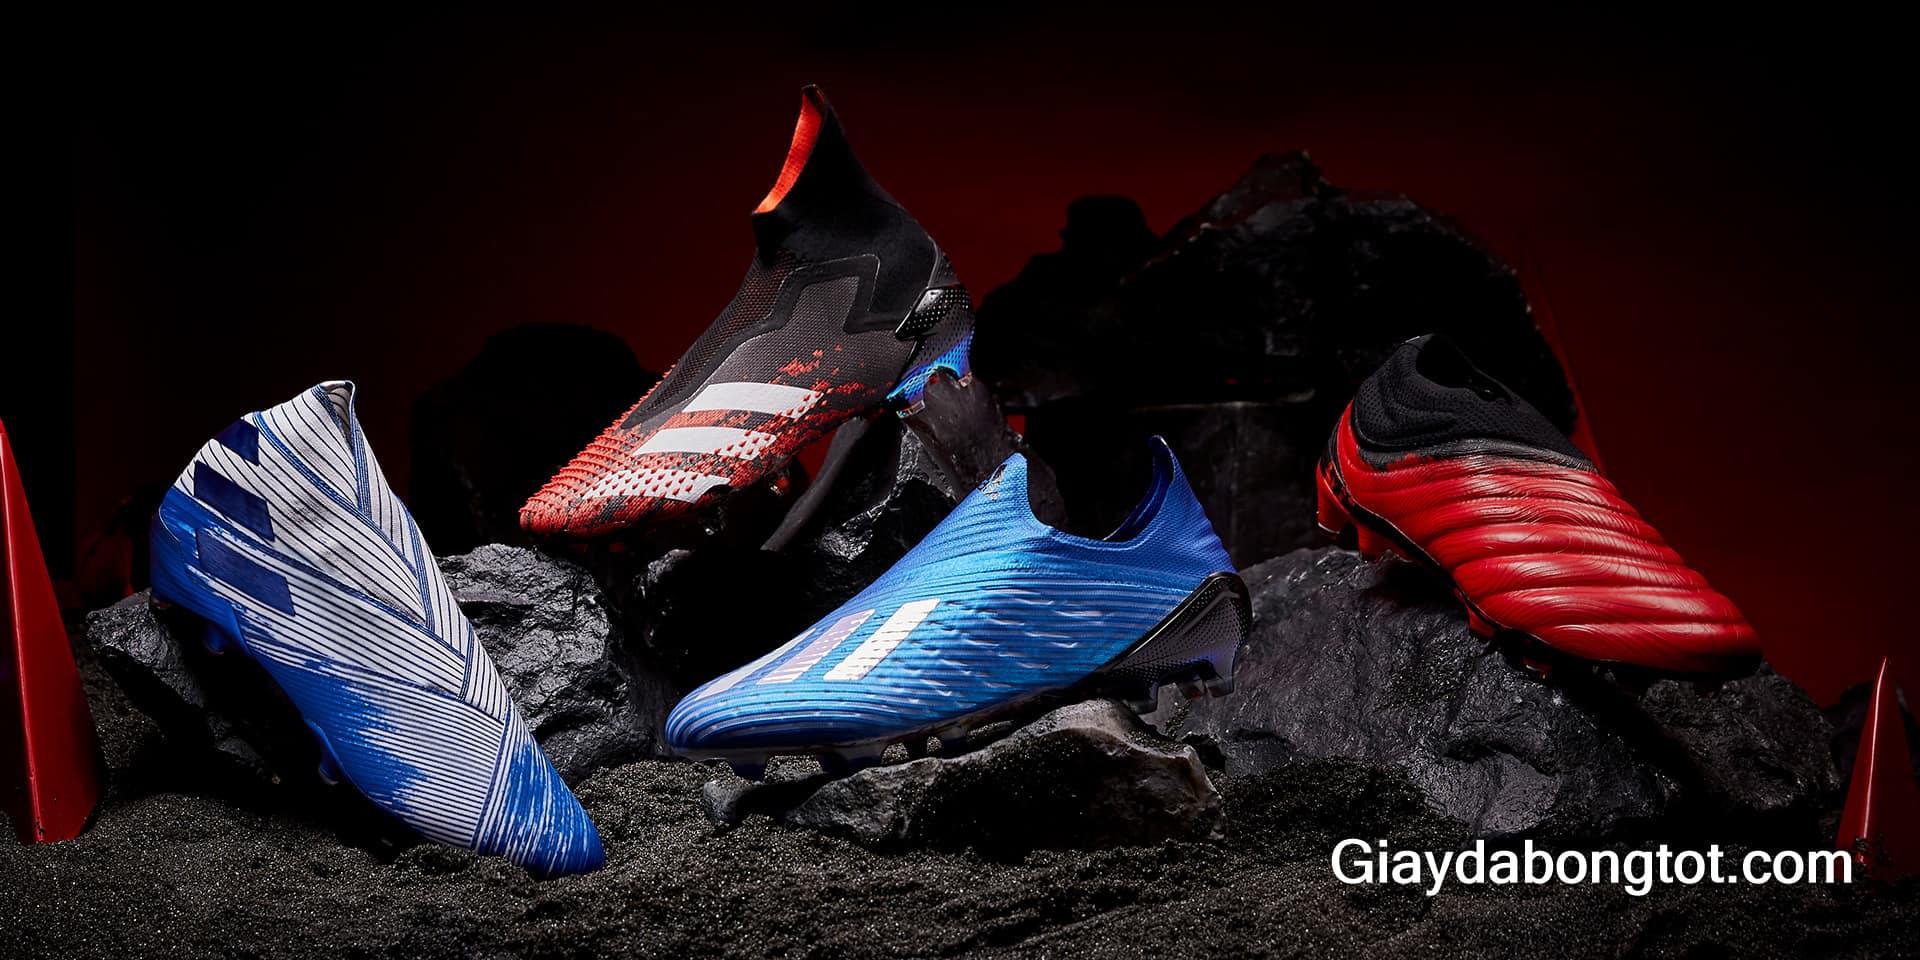 Có 4 dòng giày đá bóng Adidas đang được sản xuất và phát triển ở thời điểm hiện tại